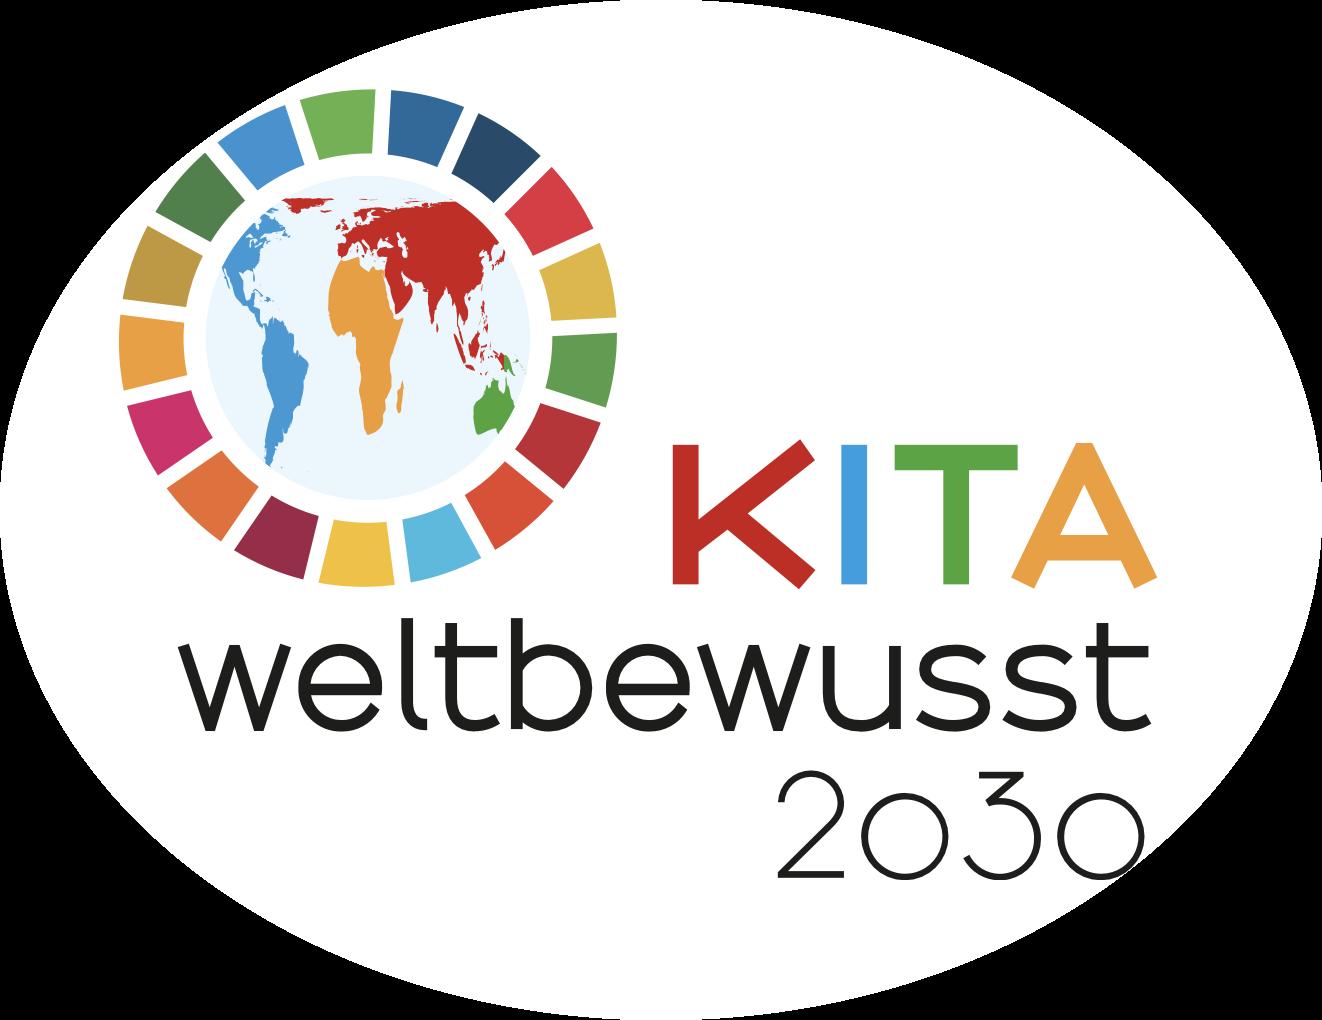 KITA Weltbewusst 2030. Quelle: www.kita-weltbewusst-2030.de